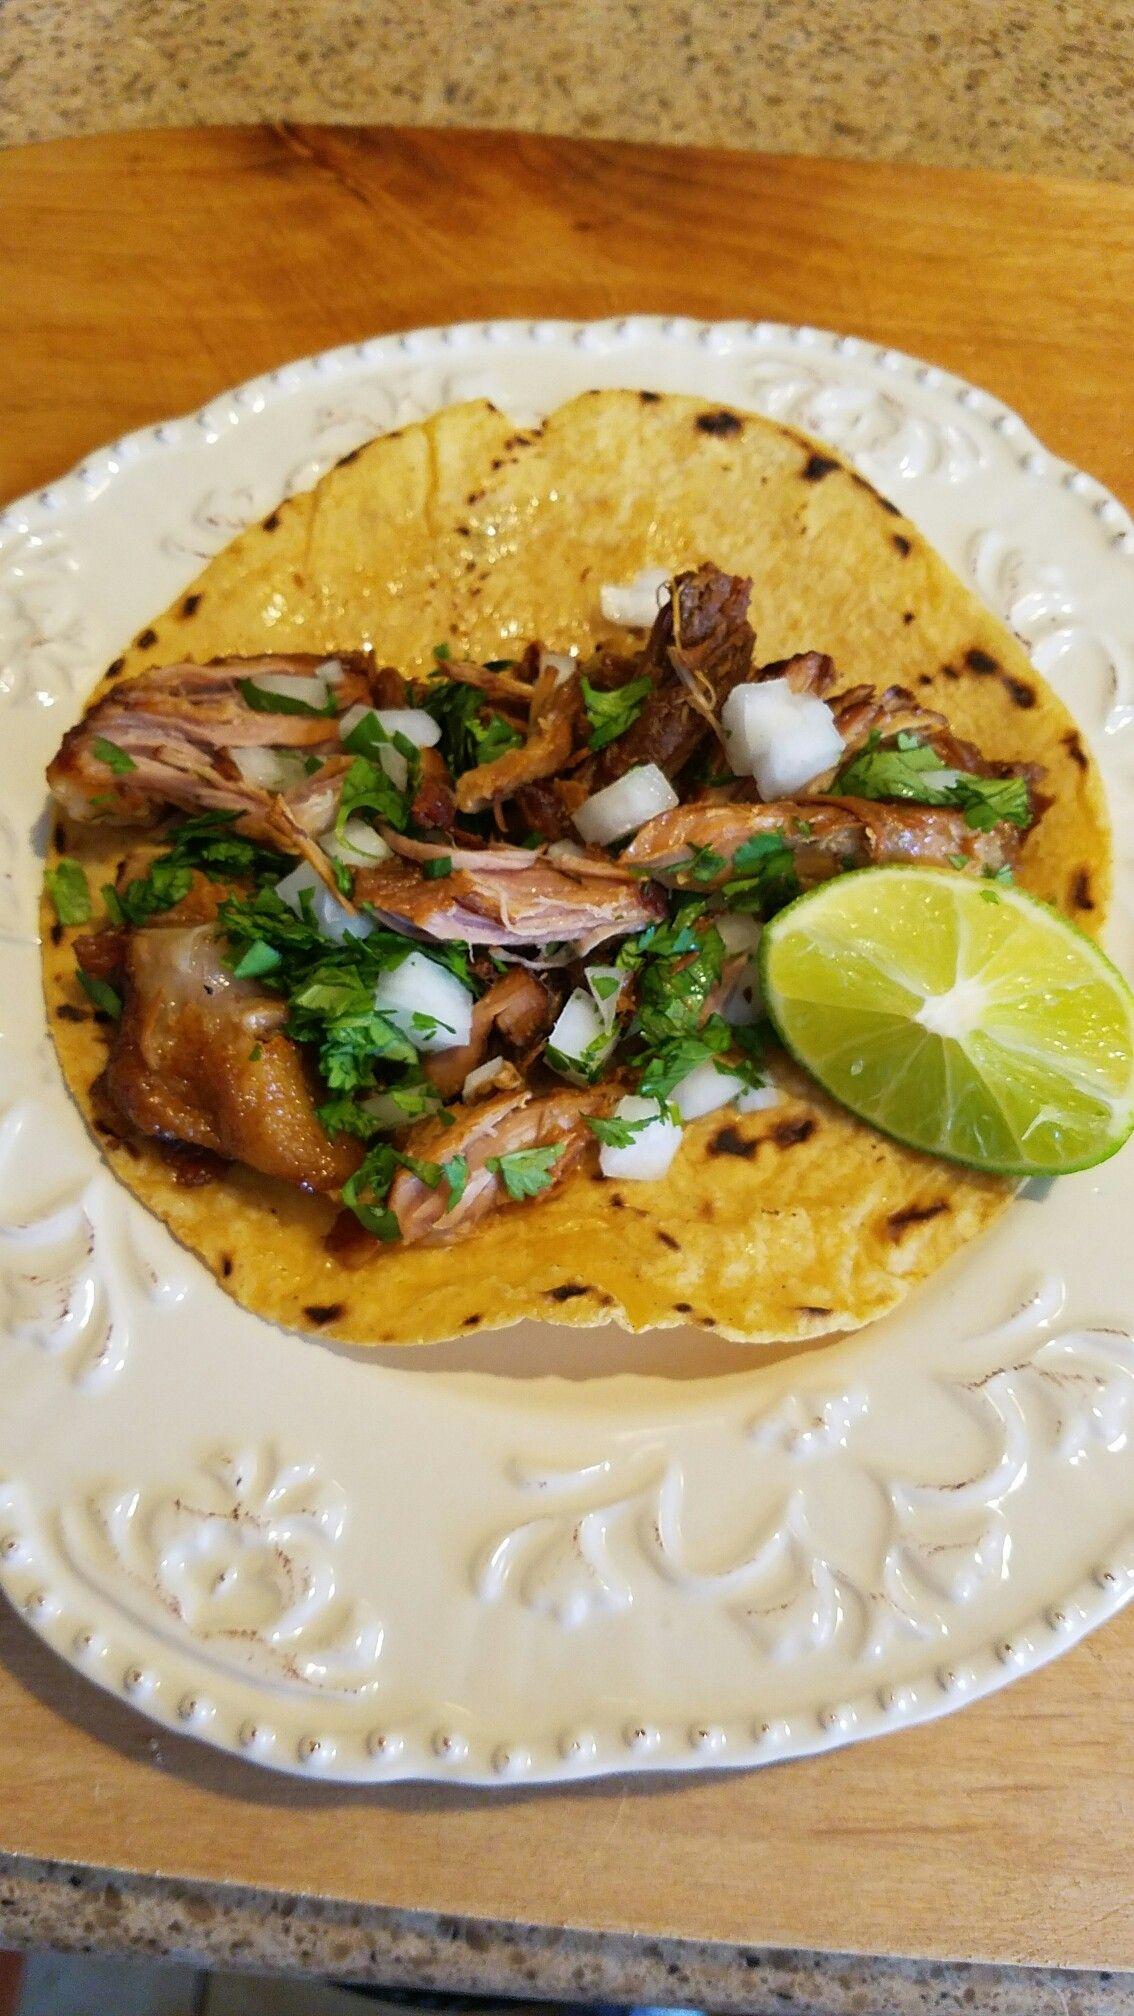 Tacos de carnitas. comida tradicional de Mexico. Antojitos Mexicanos